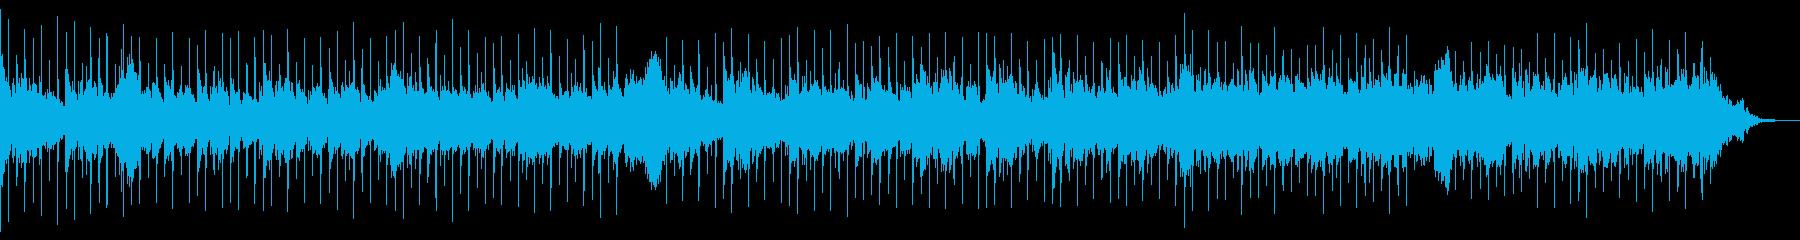 アコースティック・やさしい・ポジティブの再生済みの波形